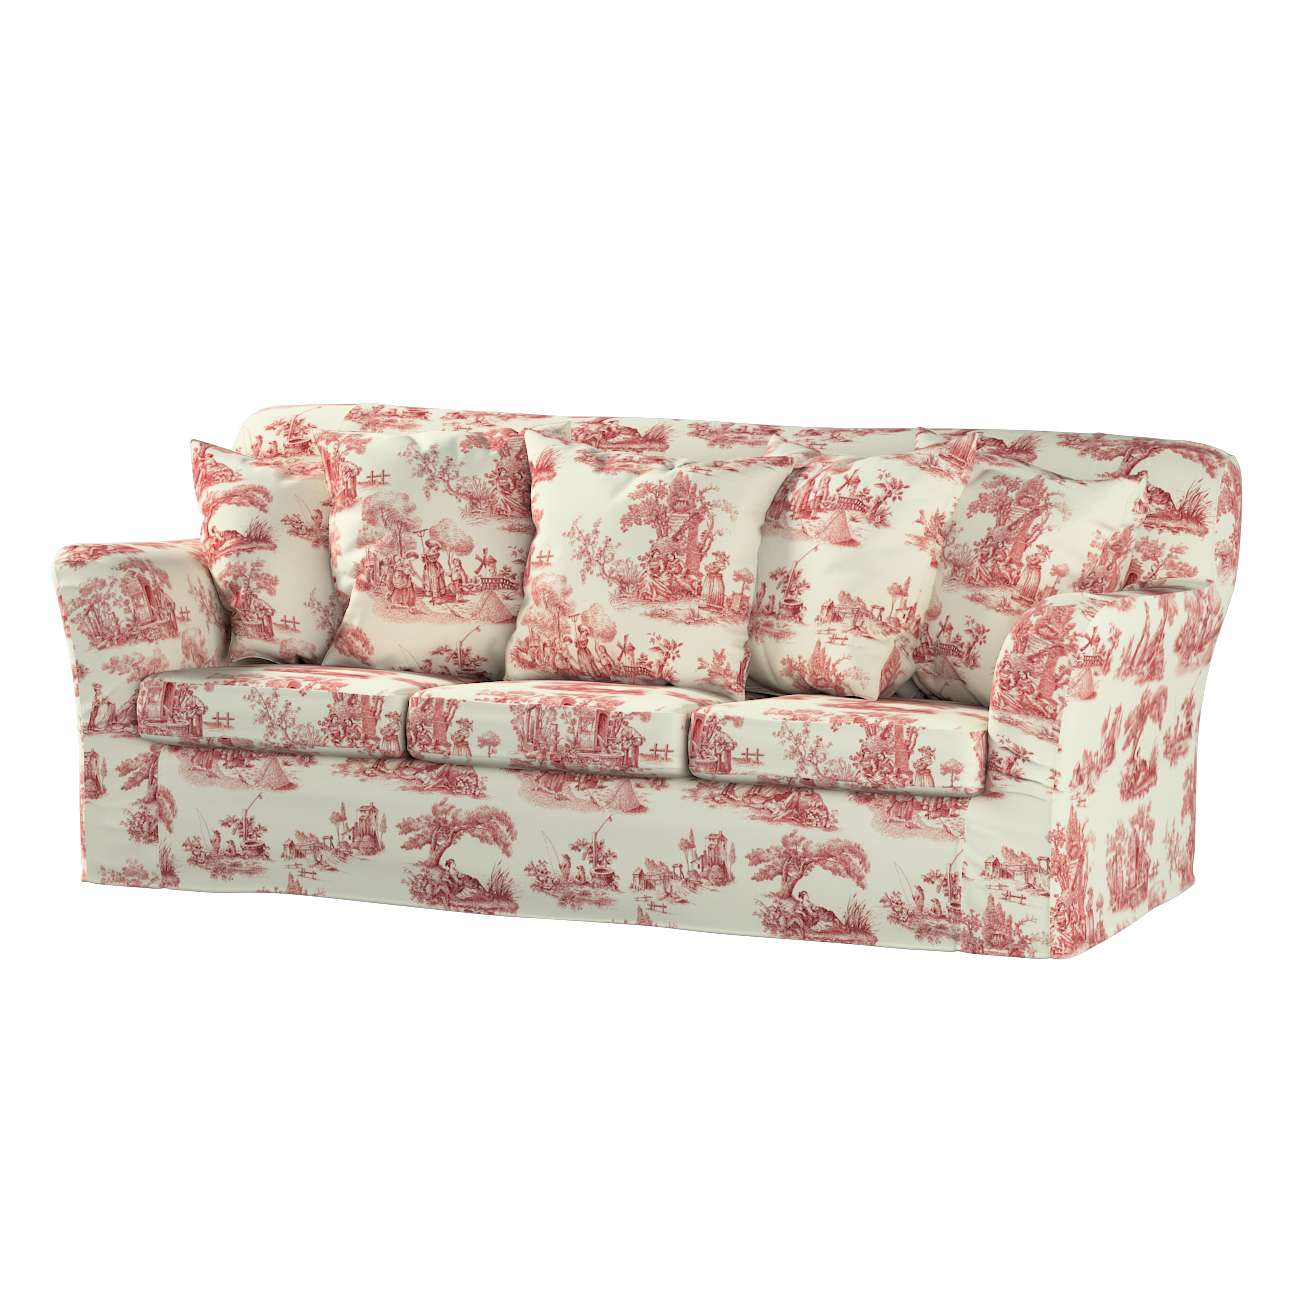 Pokrowiec na sofę Tomelilla 3-osobową nierozkładaną w kolekcji Avinon, tkanina: 132-15